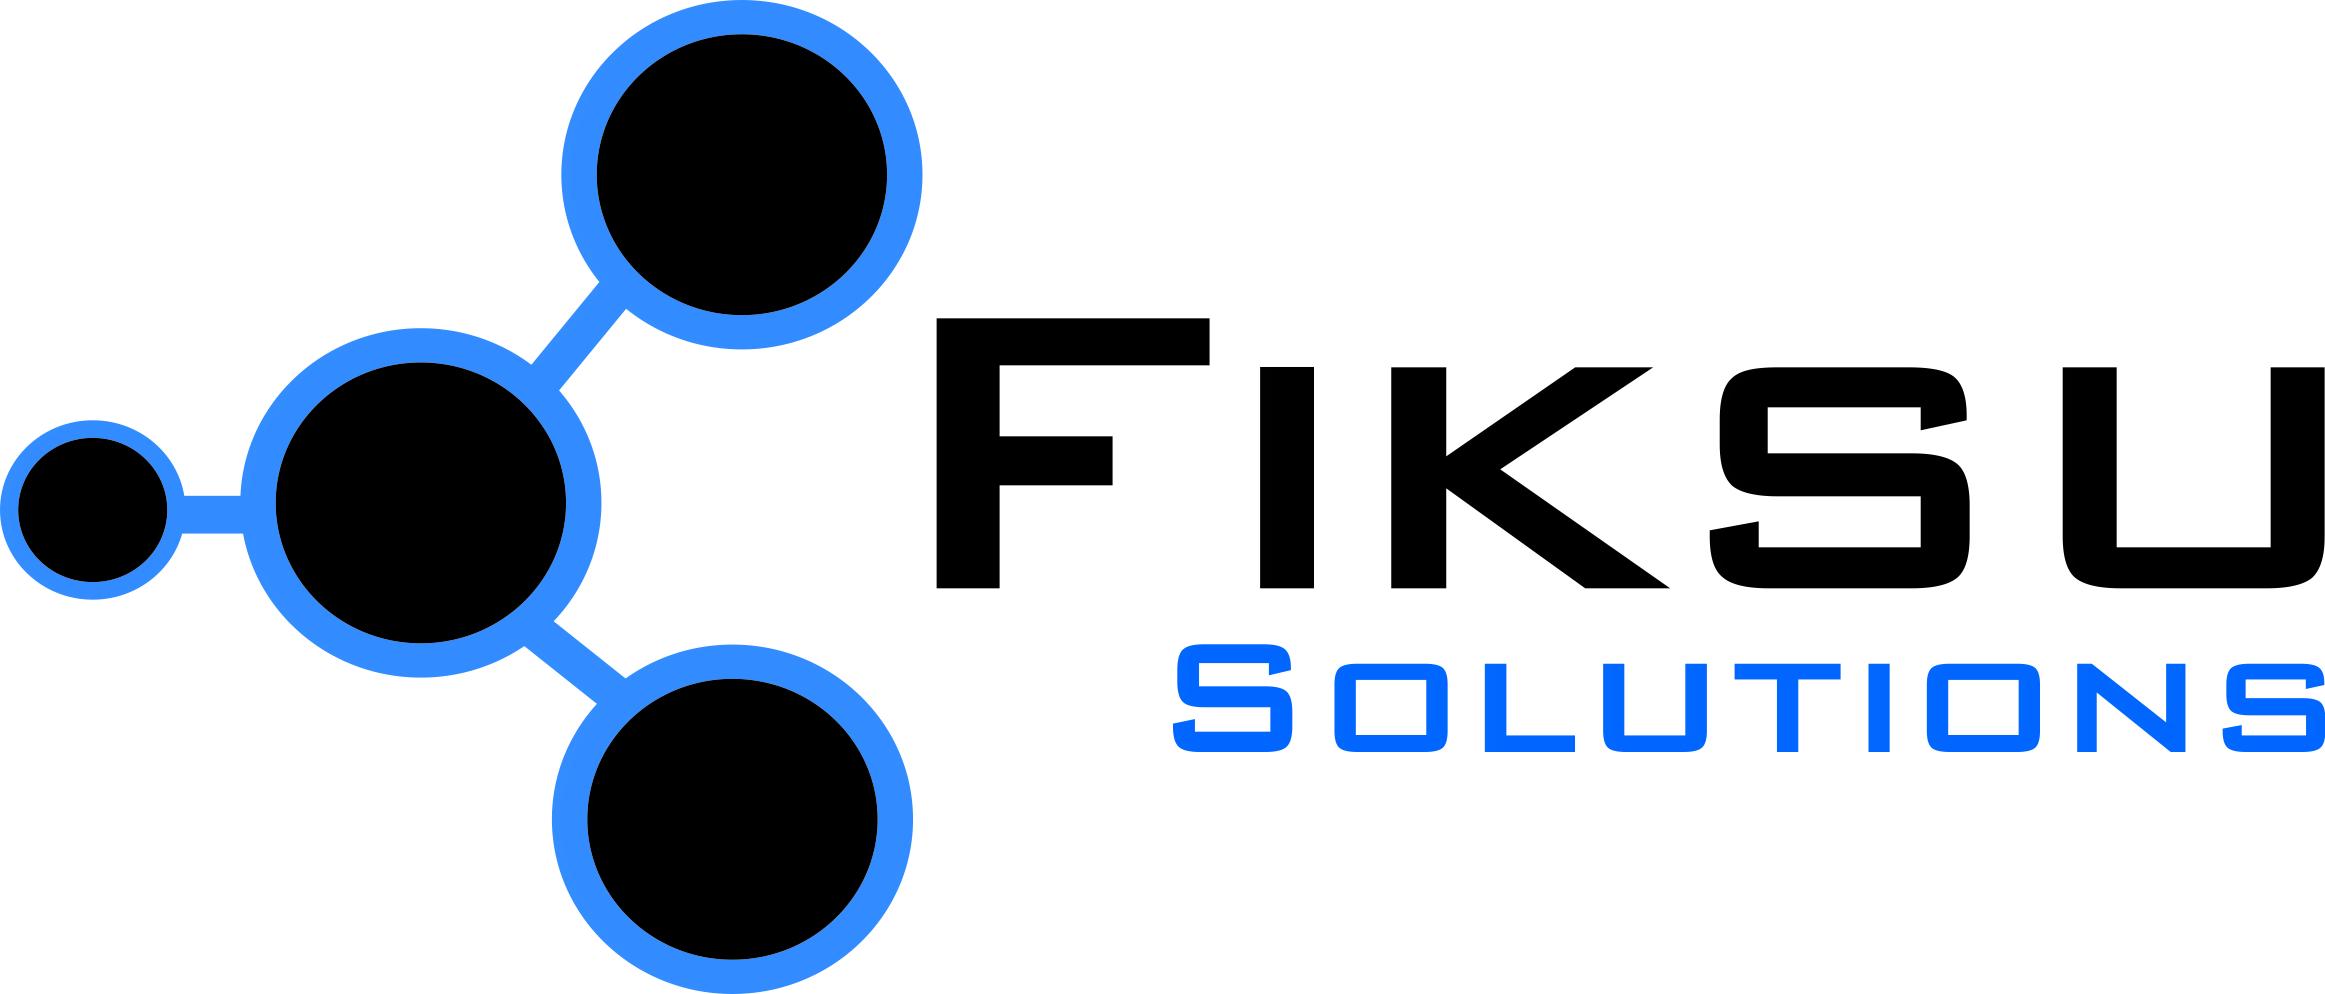 Fiksu Solutions | Innovation through Intelligence